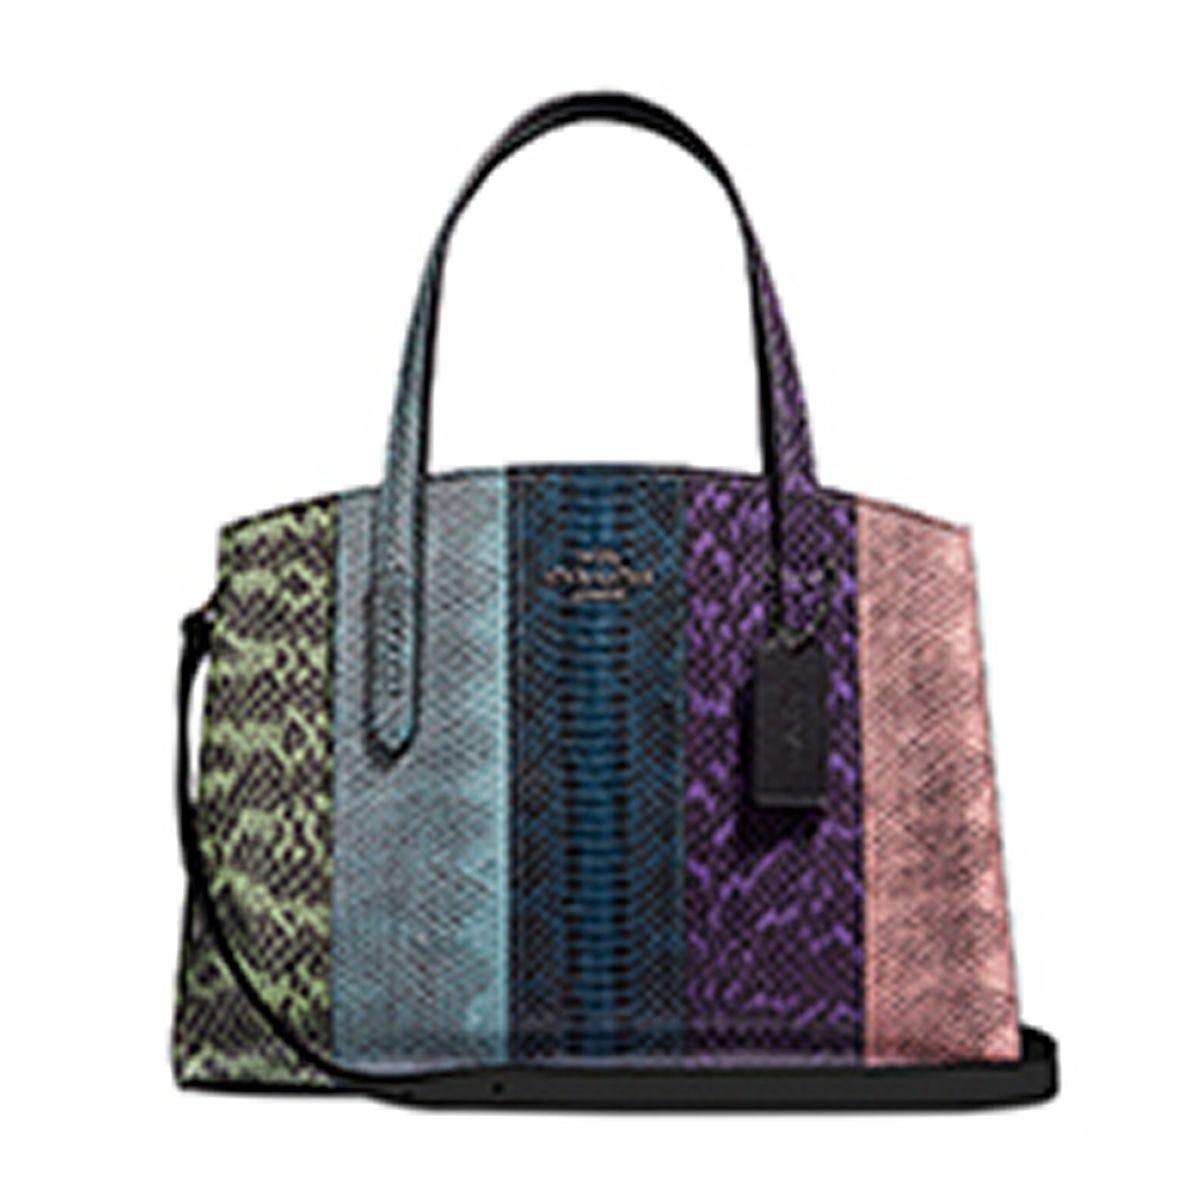 8ec94a2e876 Tory Burch Designer Handbags - Macy s